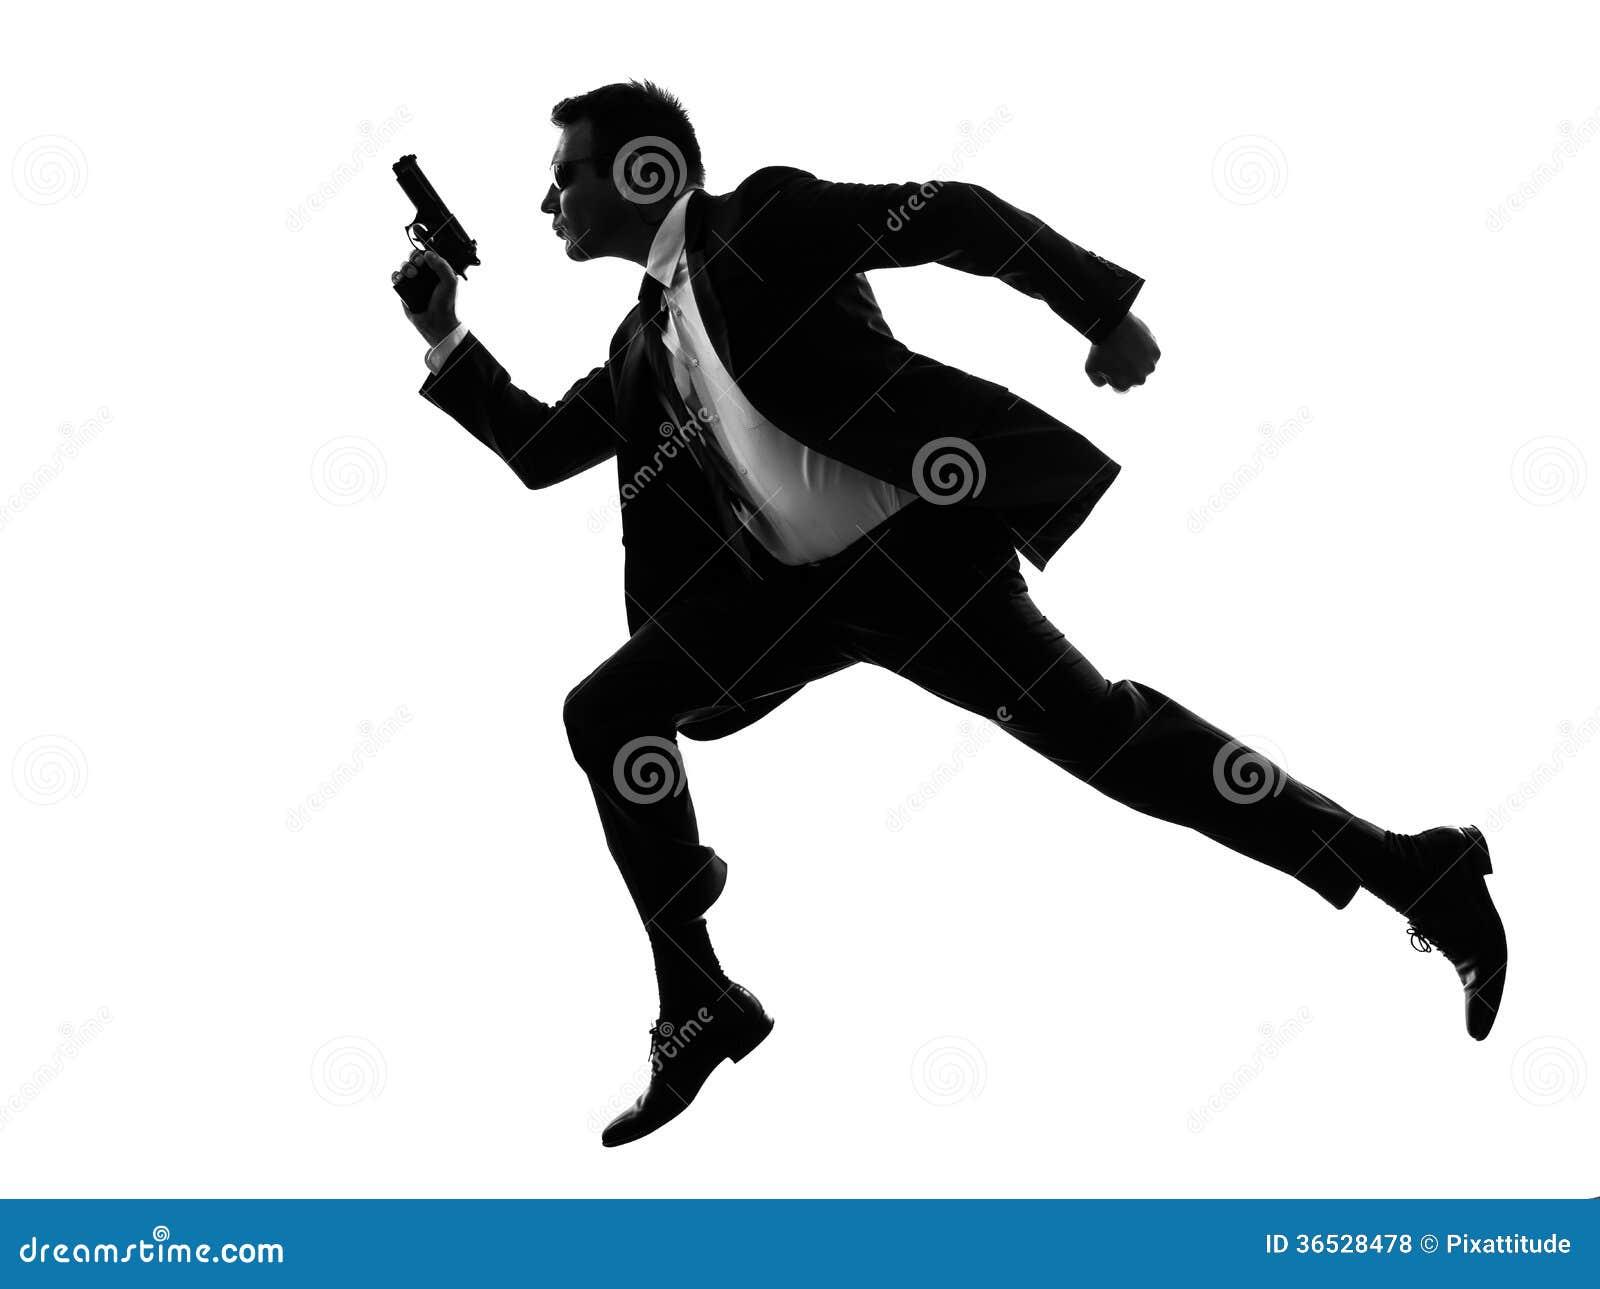 Running Man In Suit Silhouette Man With Handgun Runni...